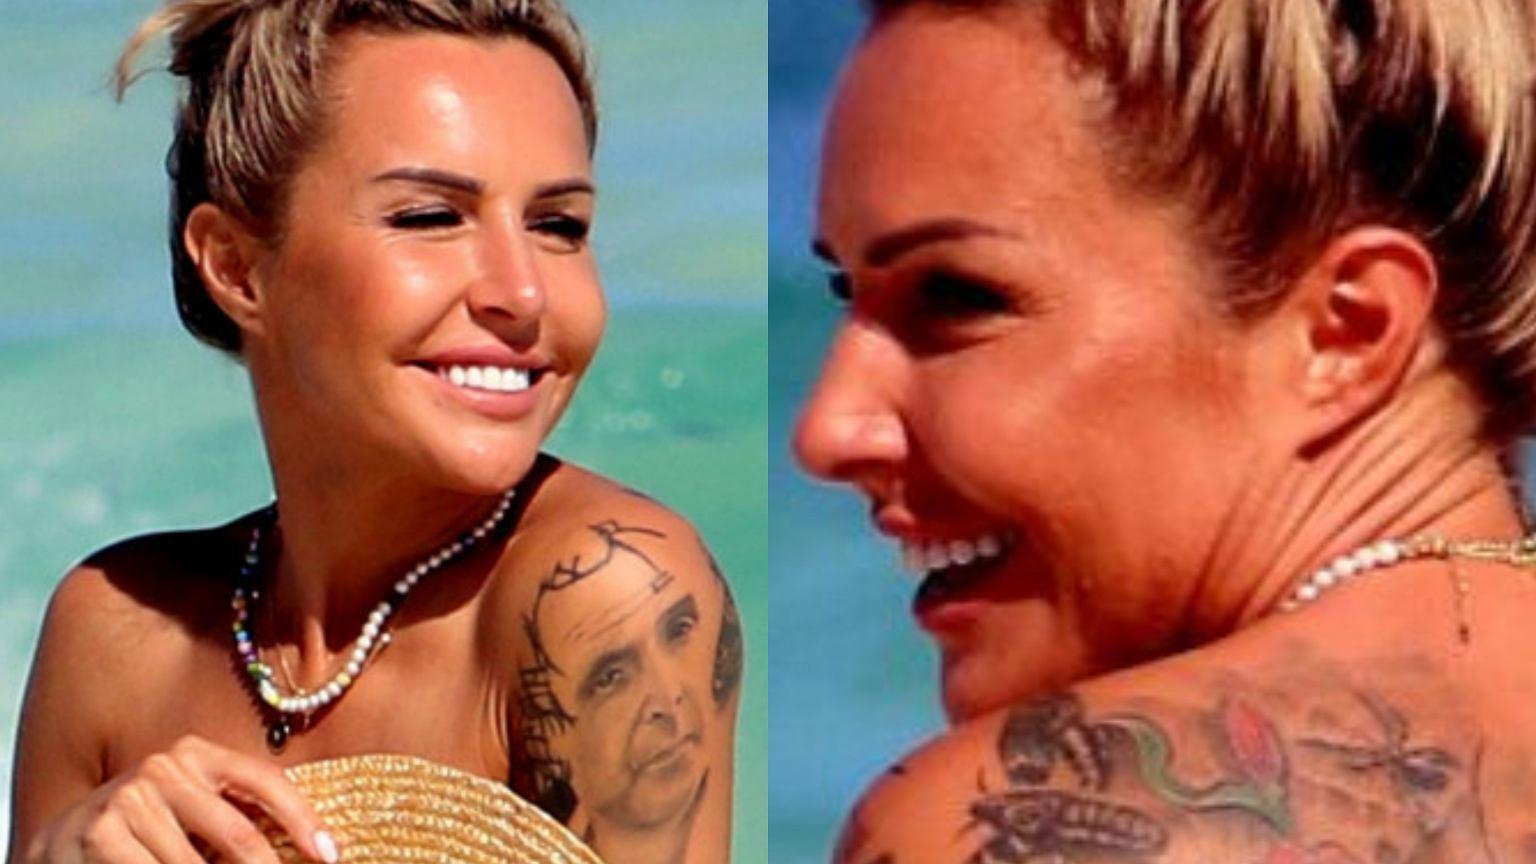 Wyluzowana Blanka Lipińska spaceruje topless po plaży w Meksyku. Wiedzieliście, że na plecach ma wielki tatuaż?